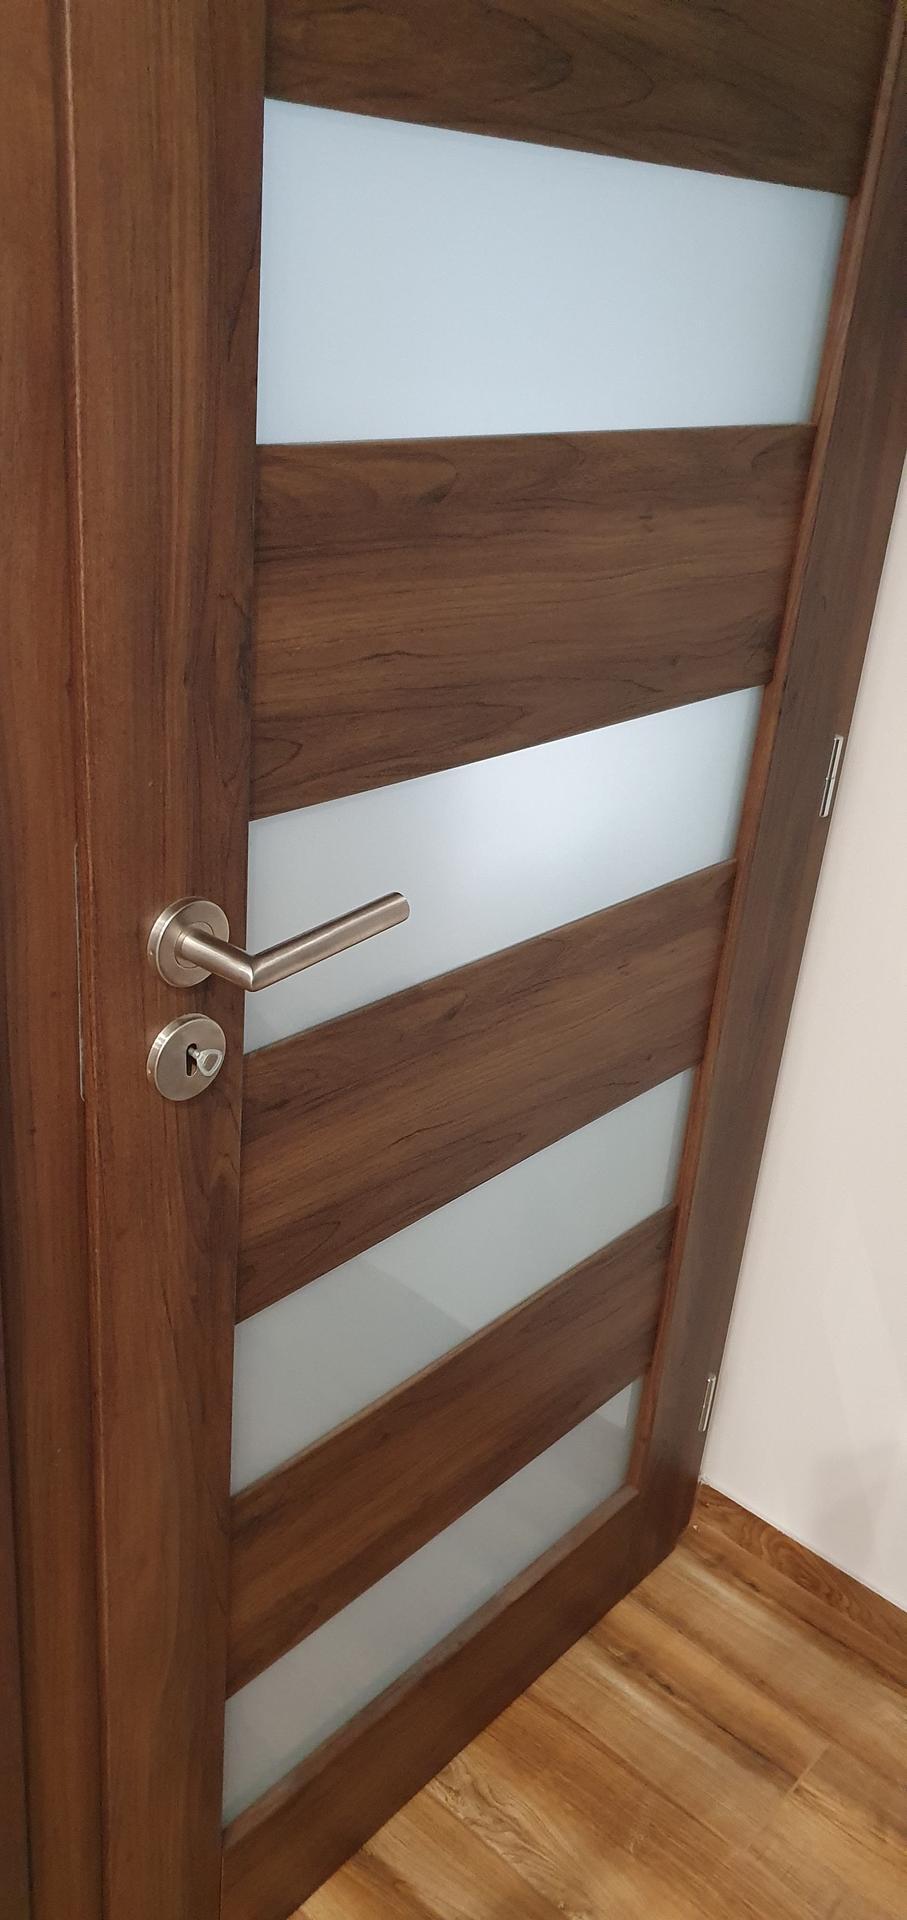 Dobry vecer, jake dvere... - Obrázek č. 2